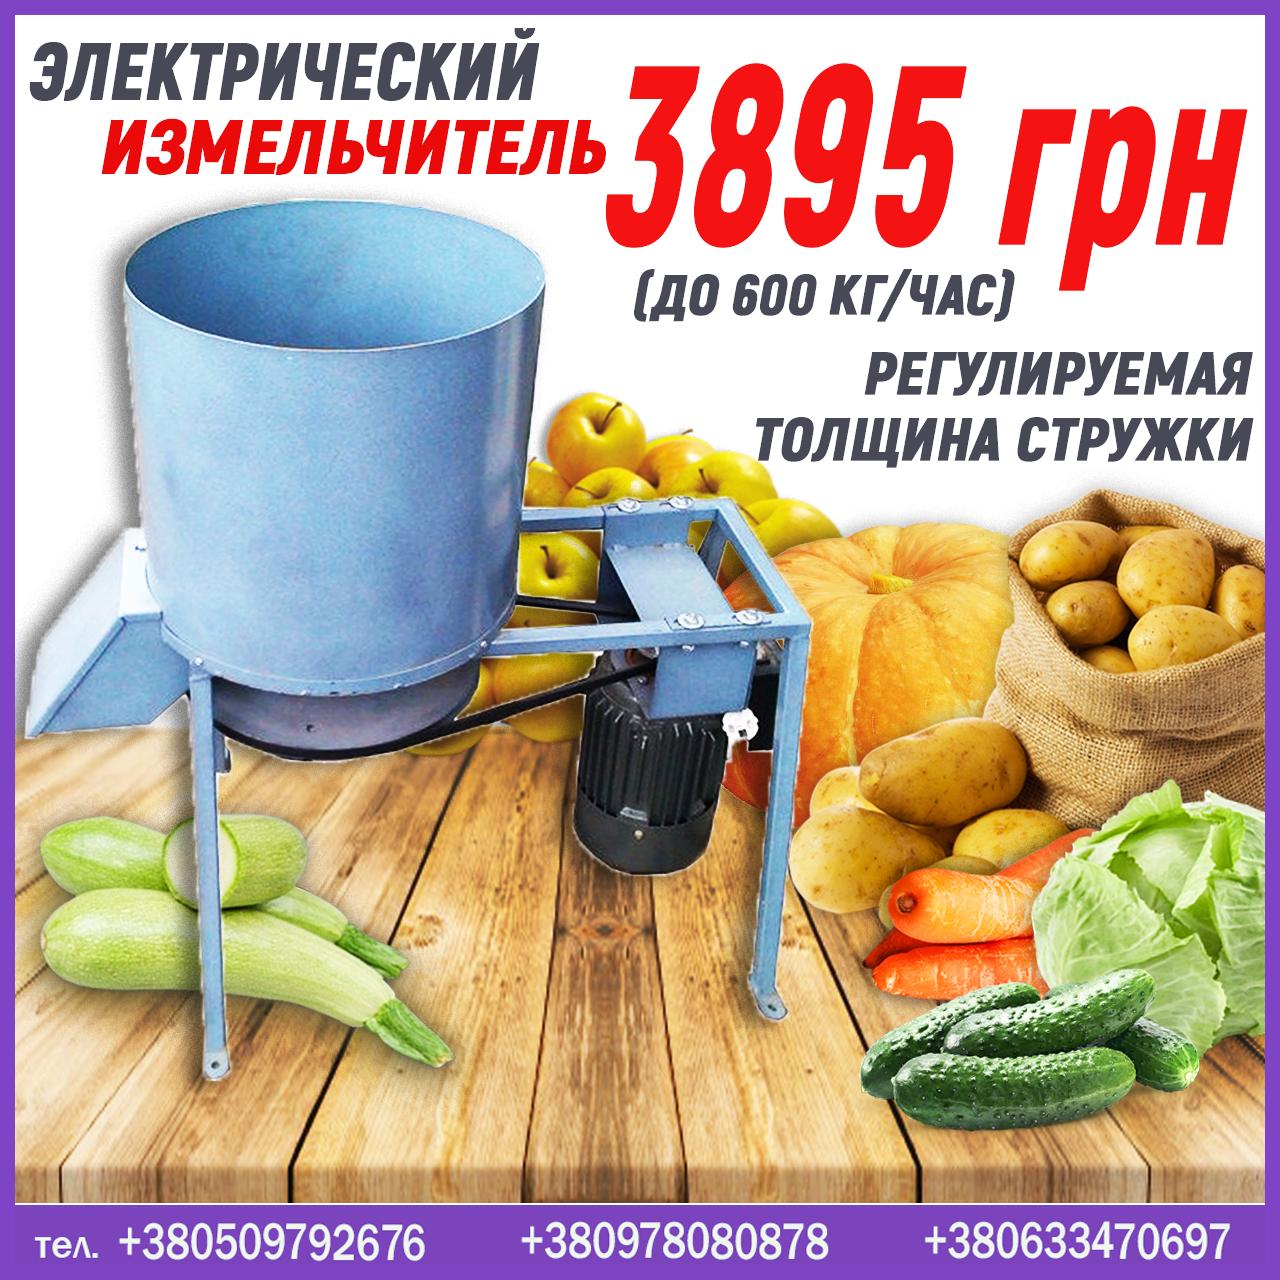 Электрический измельчитель свеклы, тыквы и других овощей